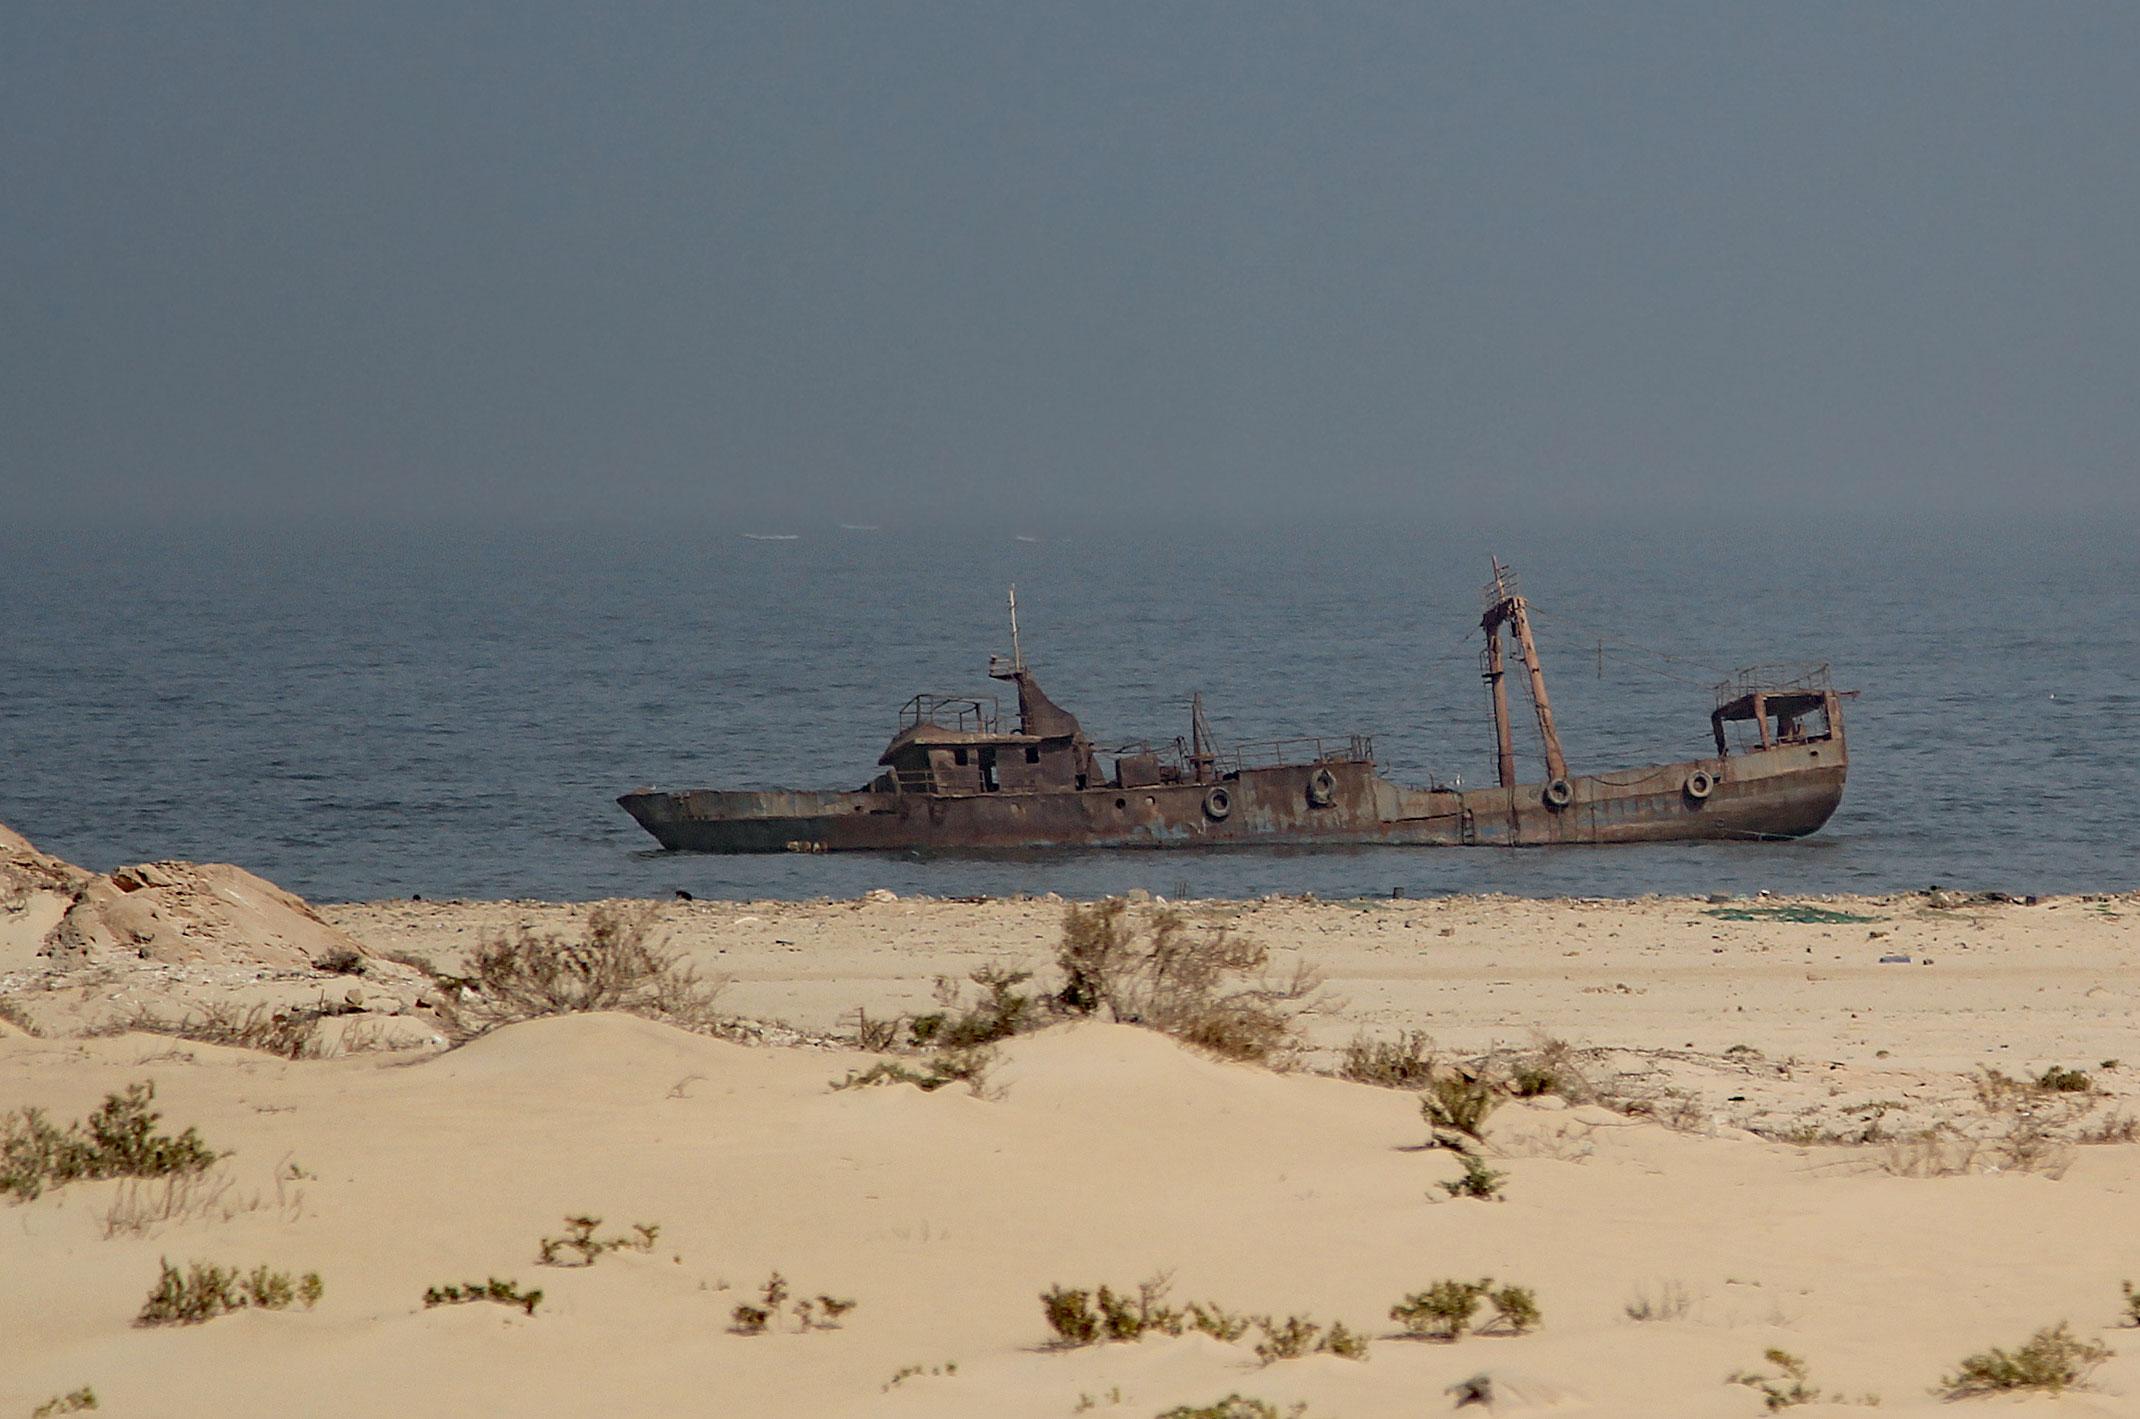 Mauretania.Cmentarzysko wraków